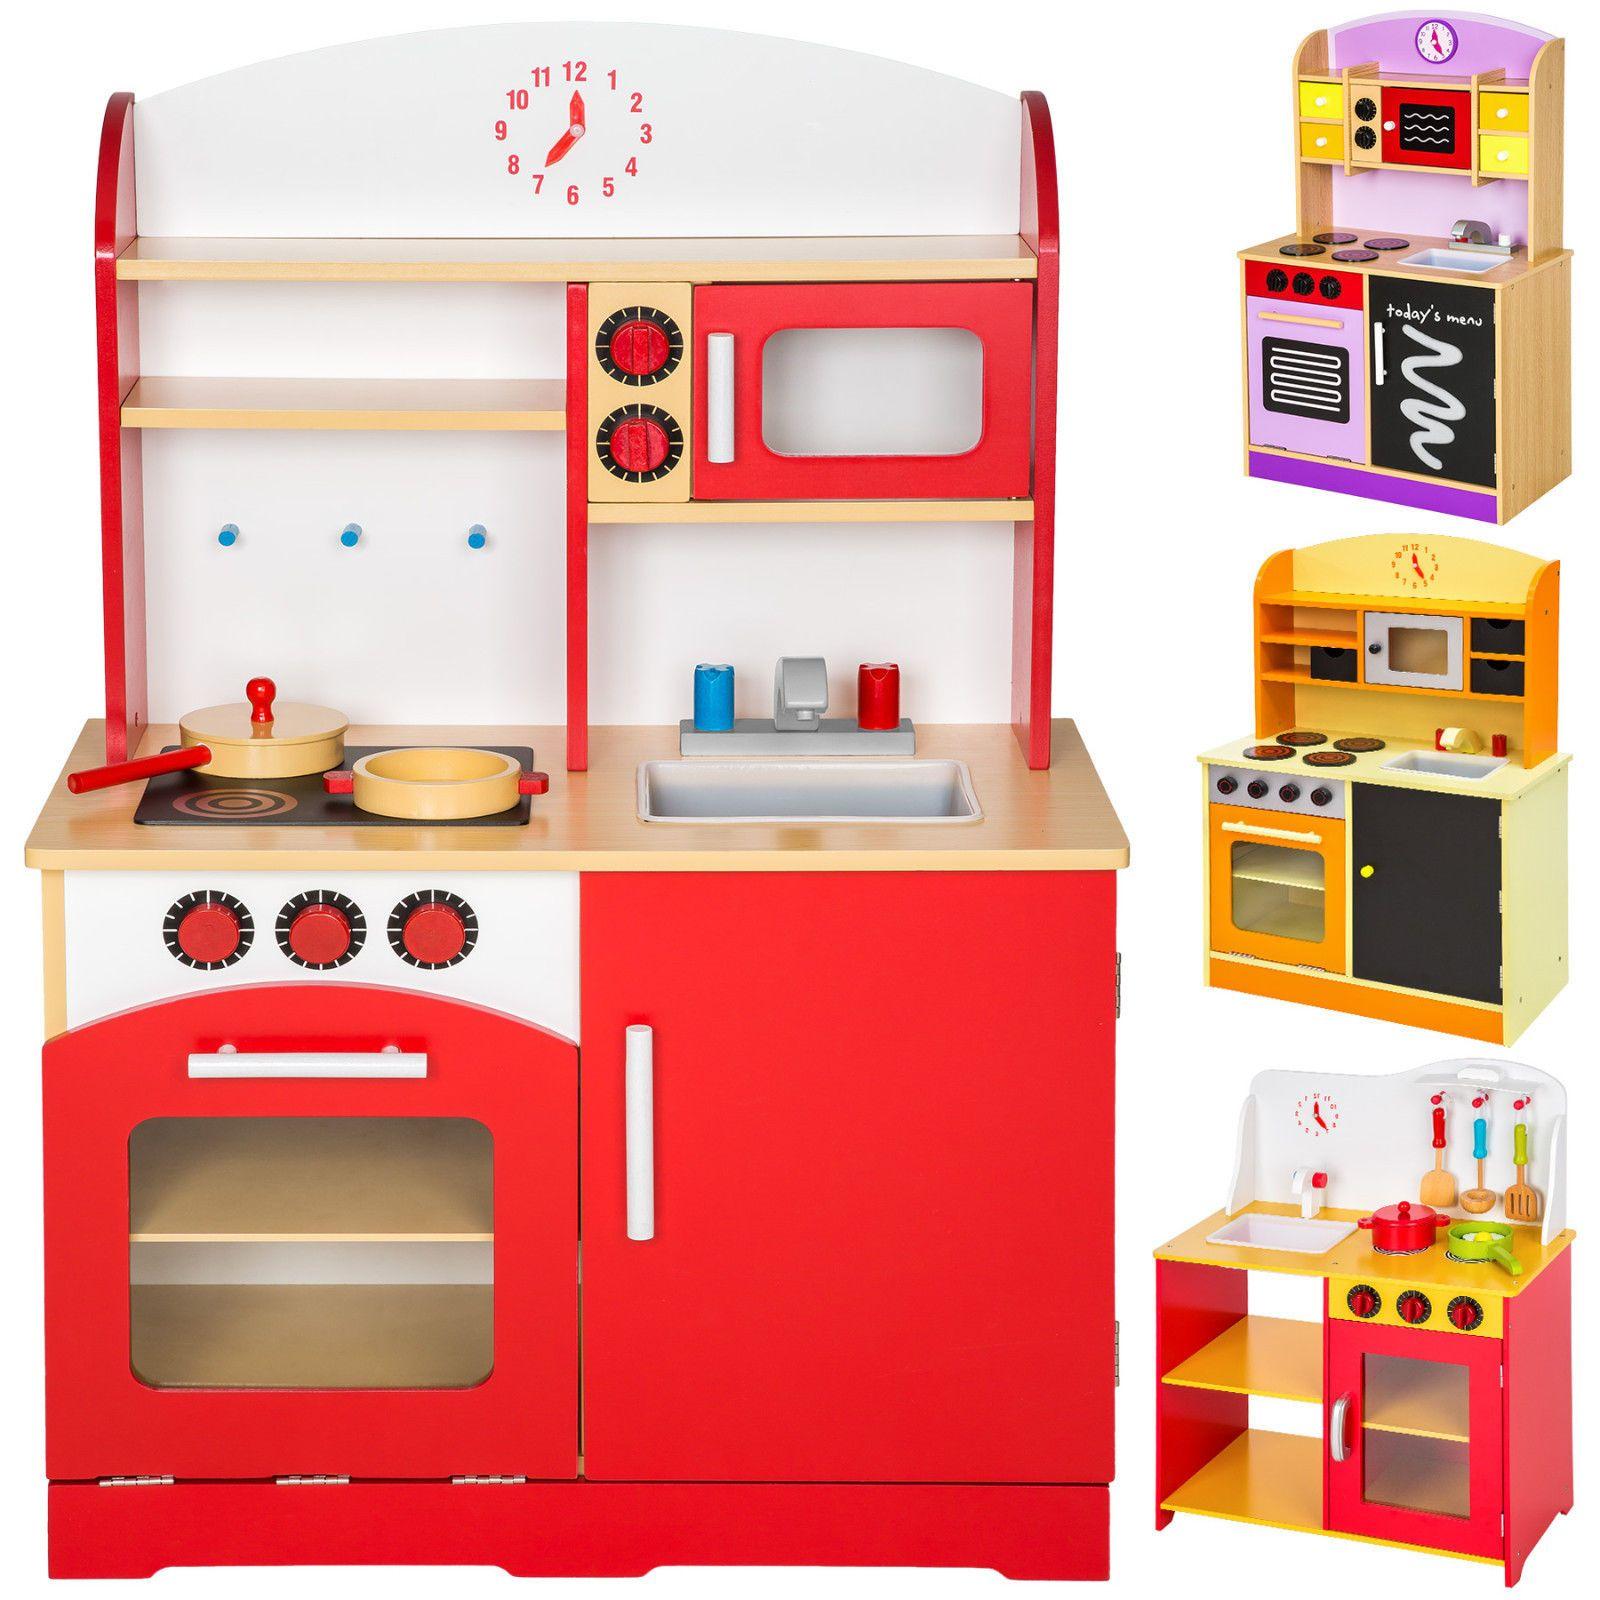 Cocina De Madera De Juguete Para Ninos Juguete Juego De Rol Toy In